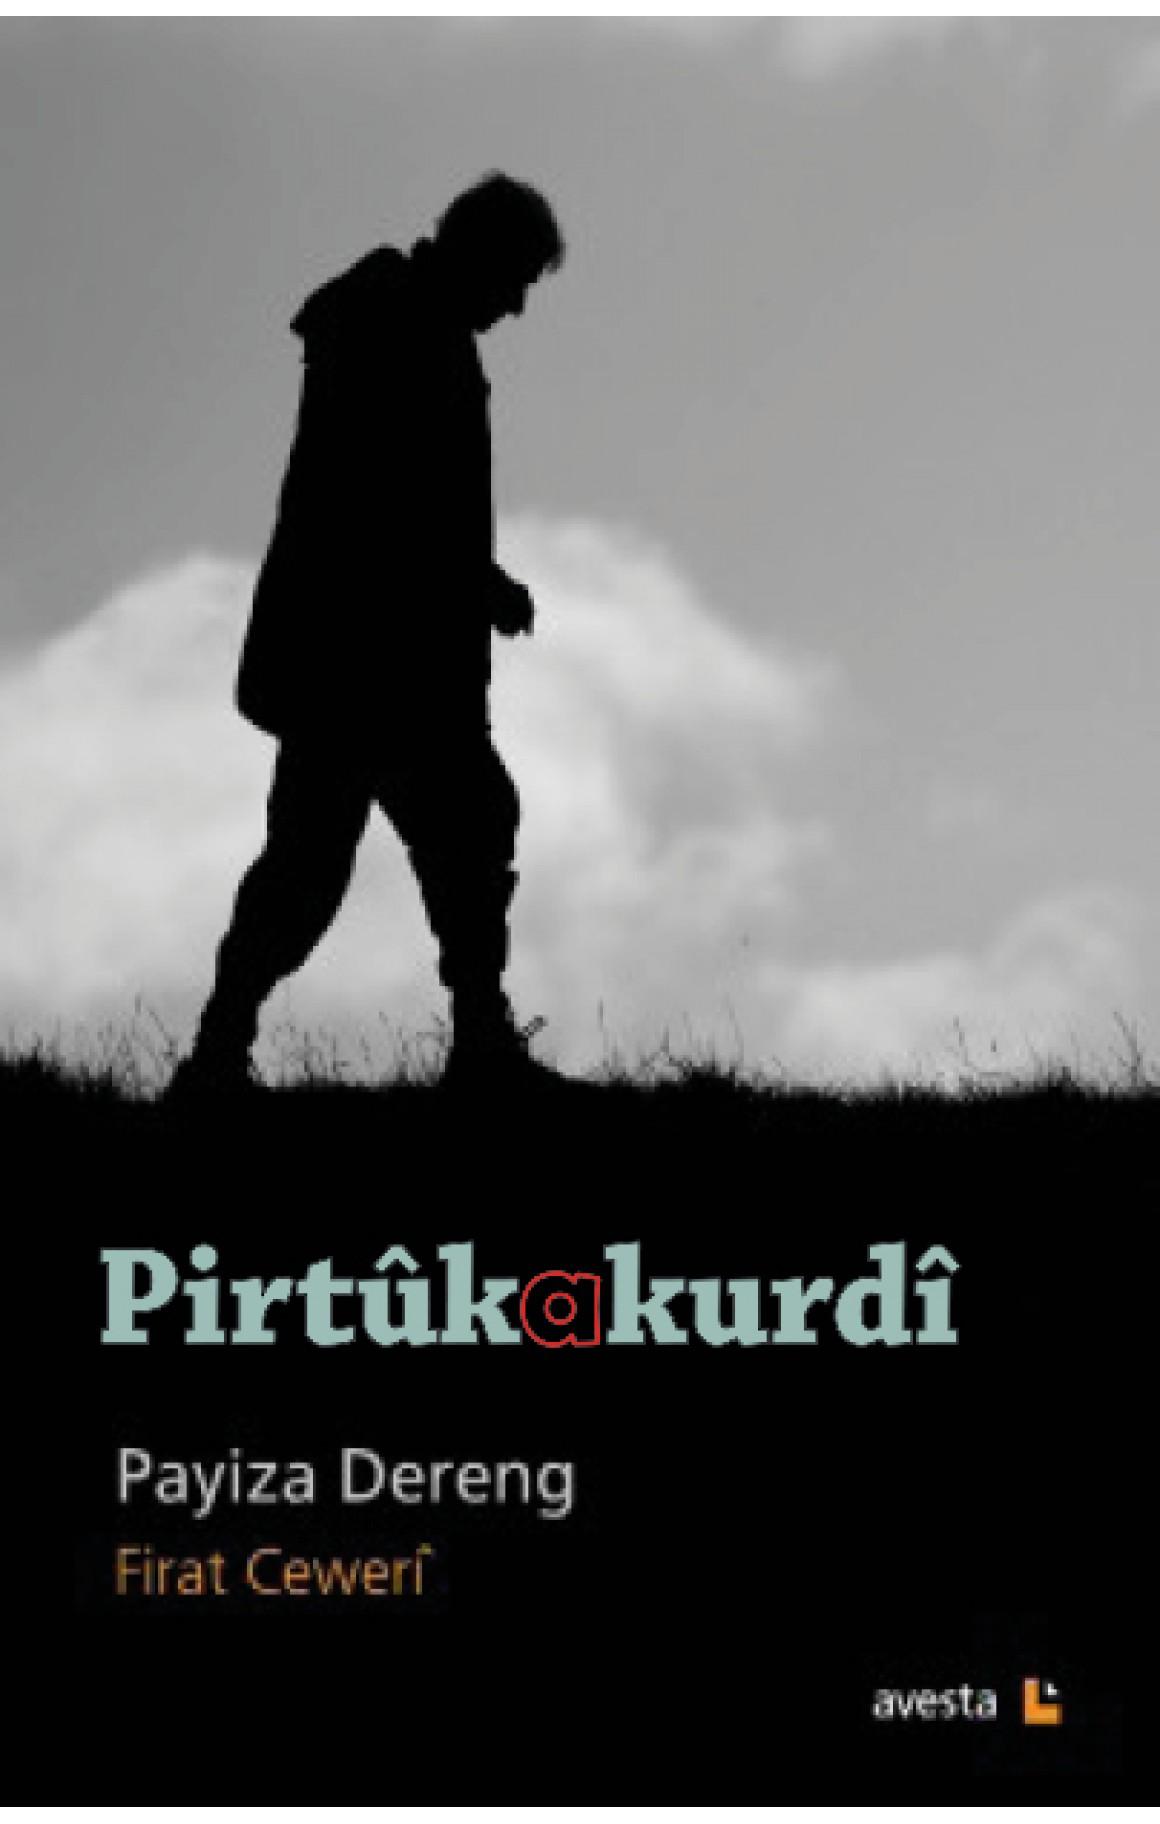 Payiza Dereng